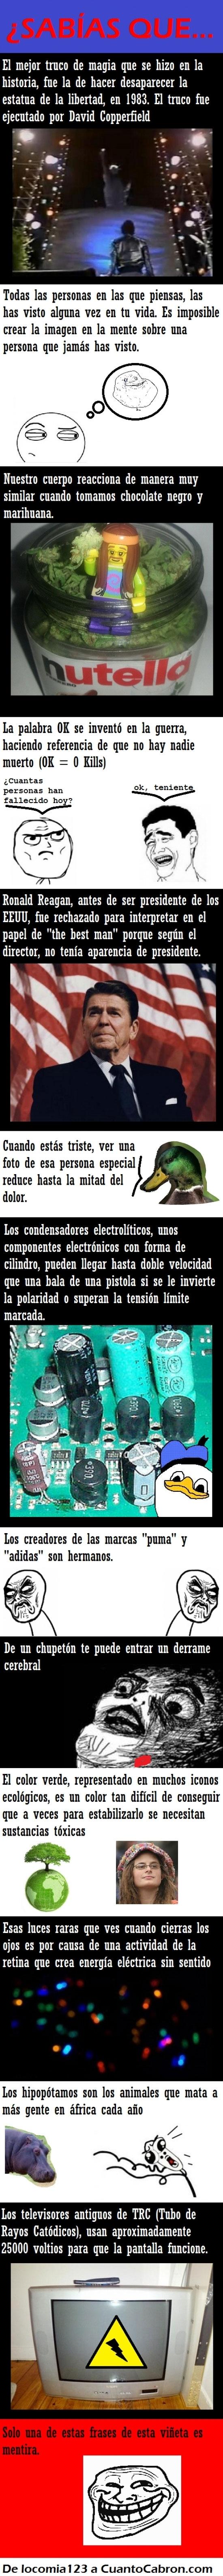 color verde,condensadores,curiosidades,increíble,luces,ronald reagan,tele,trc,voltios